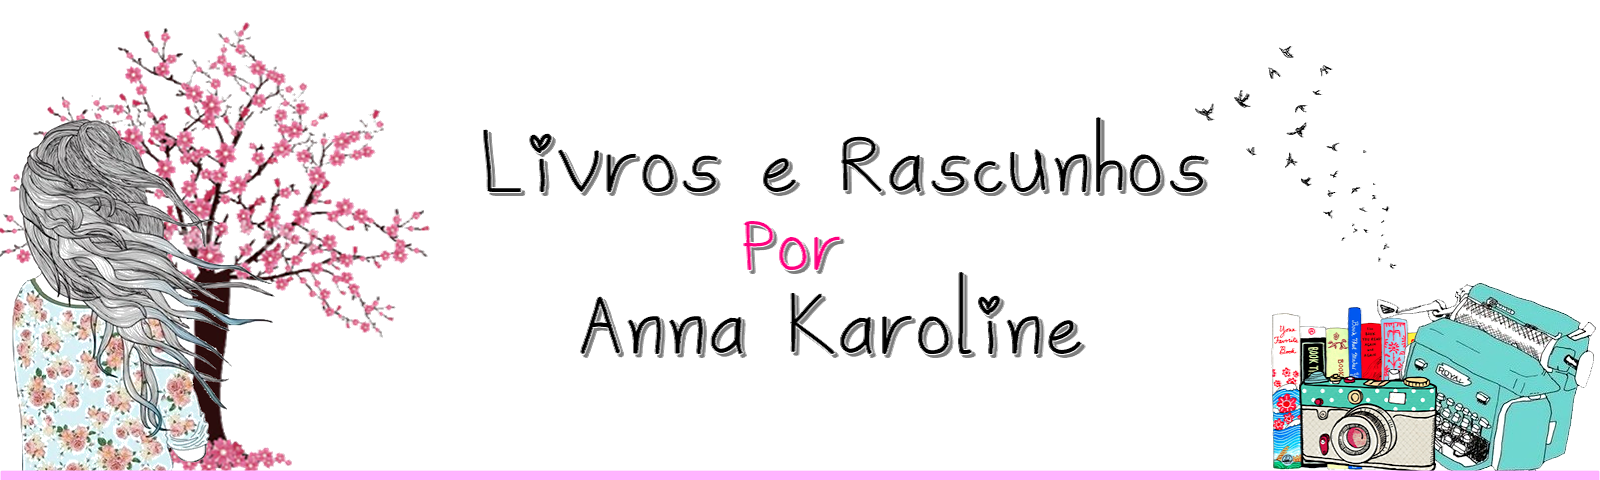 Livros e Rascunhos Por Anna Karoline